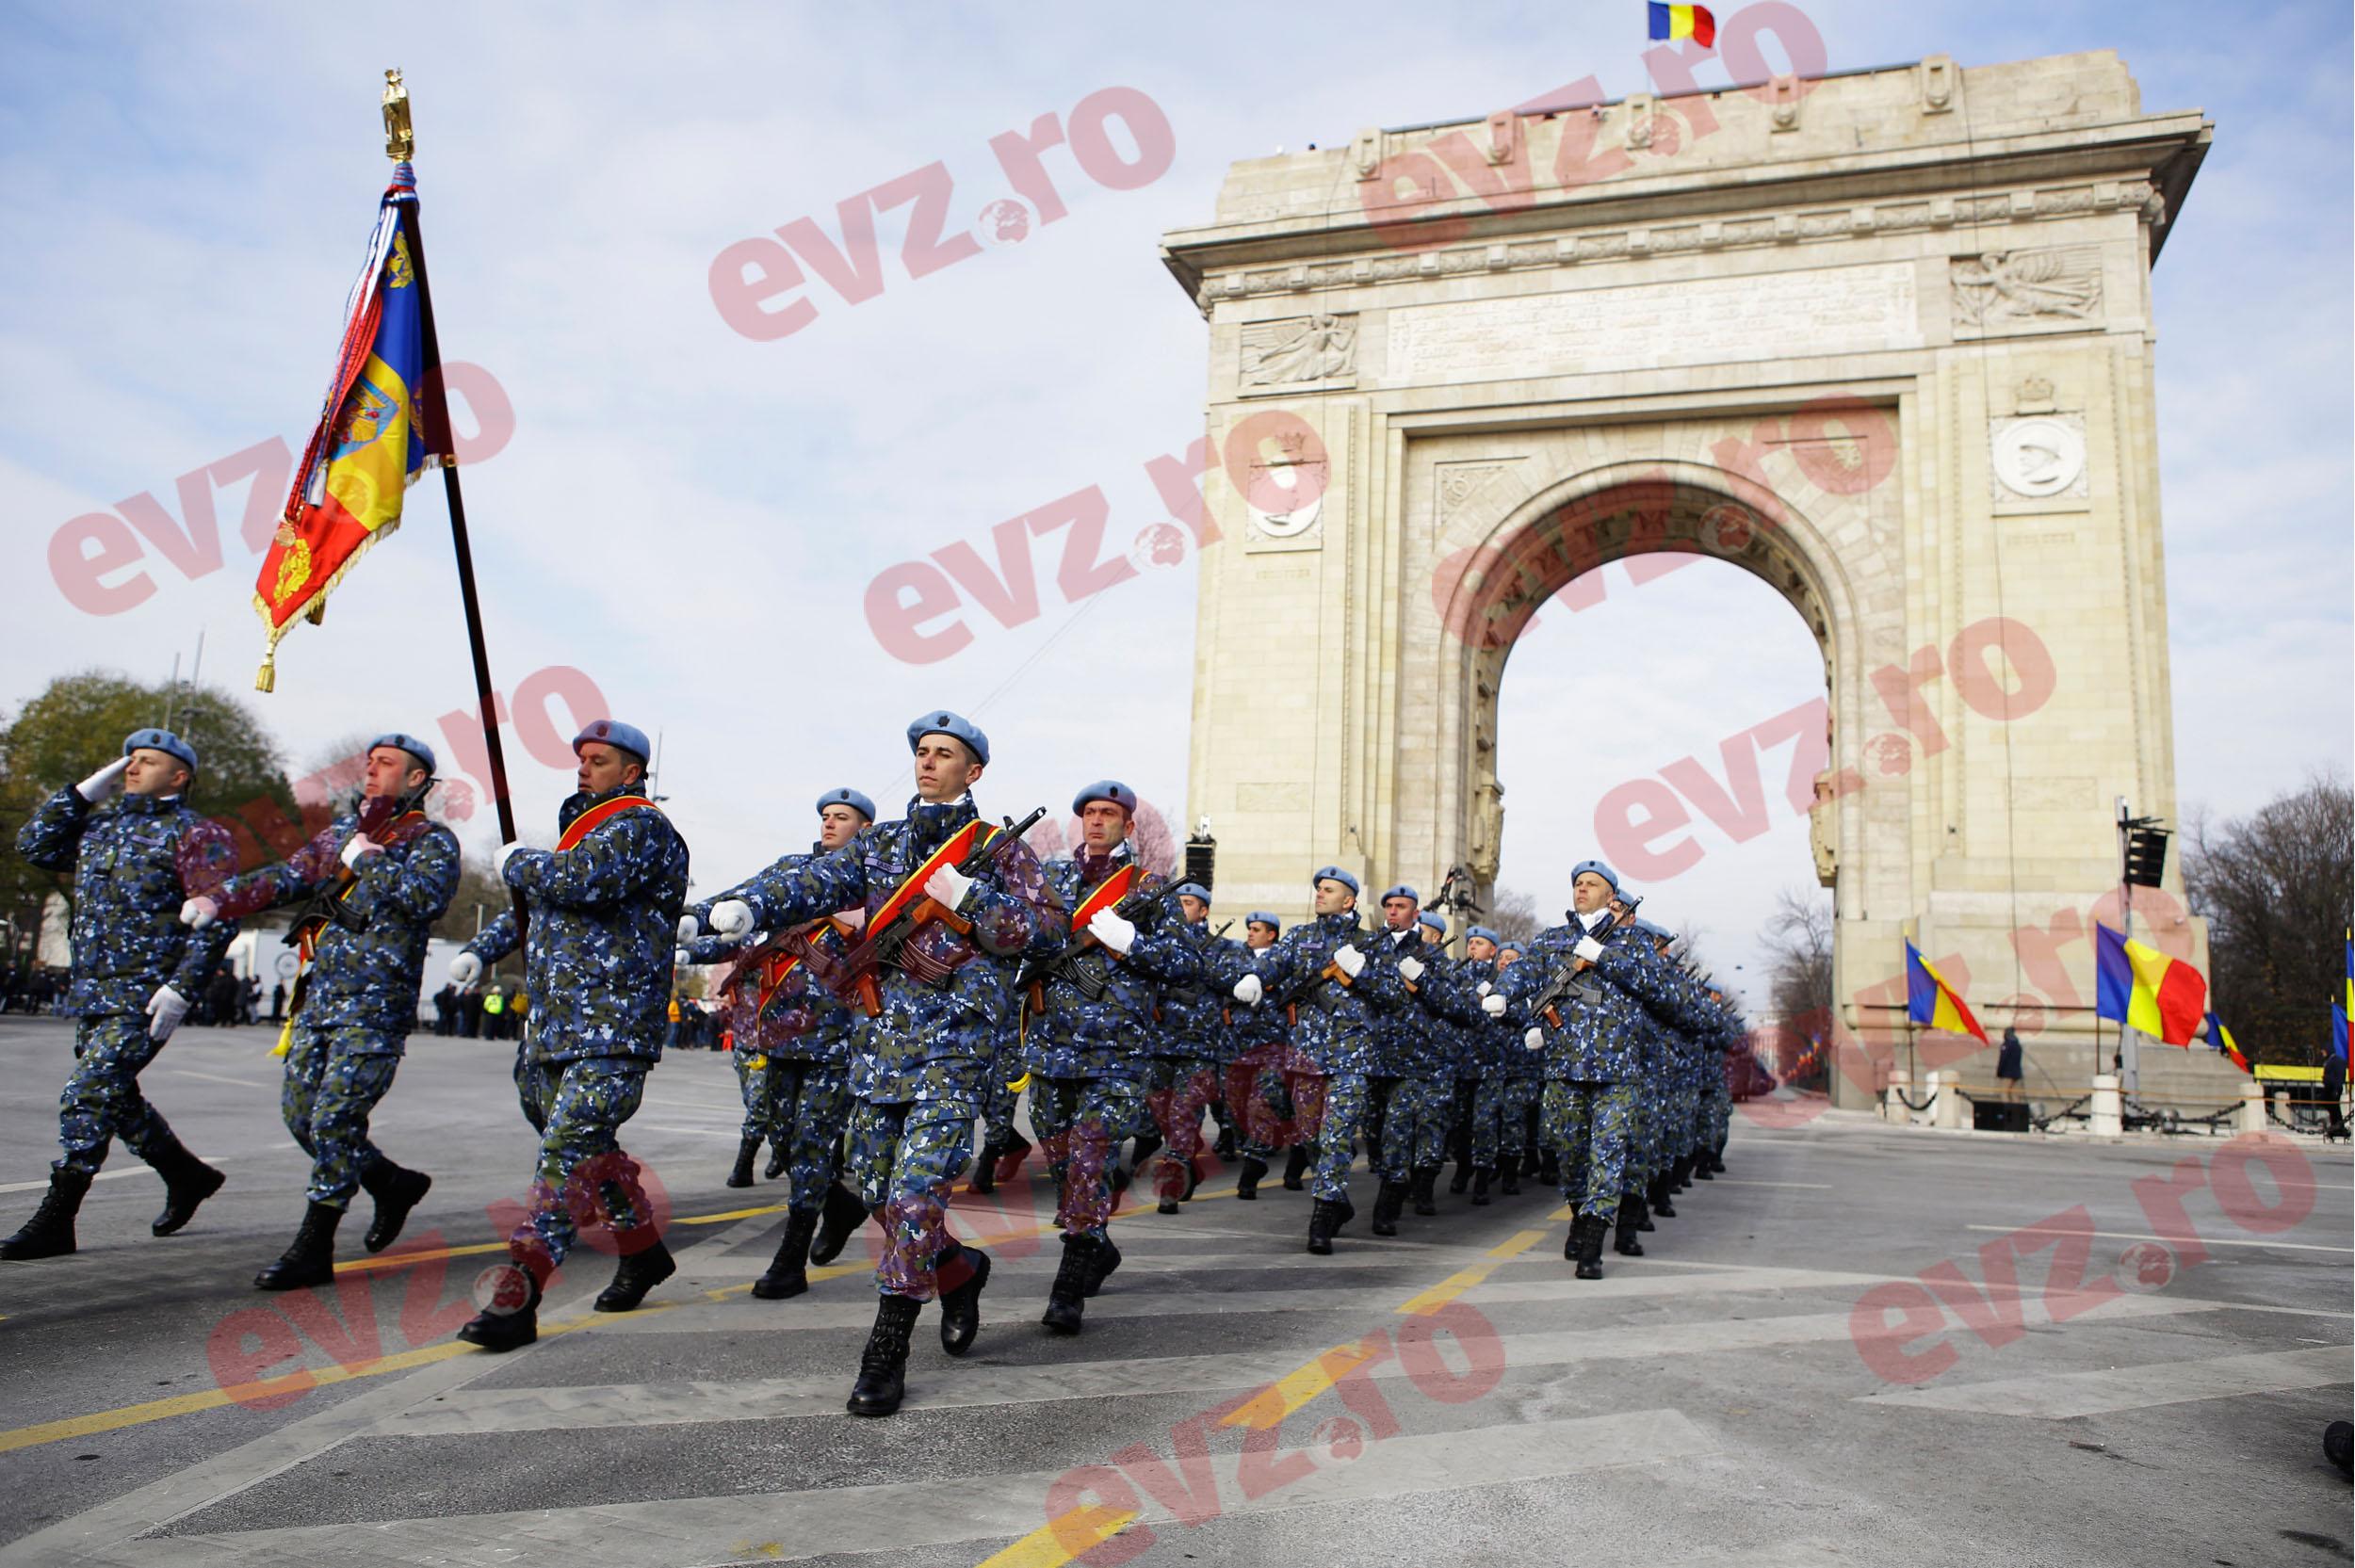 COVID-19 lovește Ziua Națională a României. Urmează Crăciunul și Revelionul? Nu e exclus!